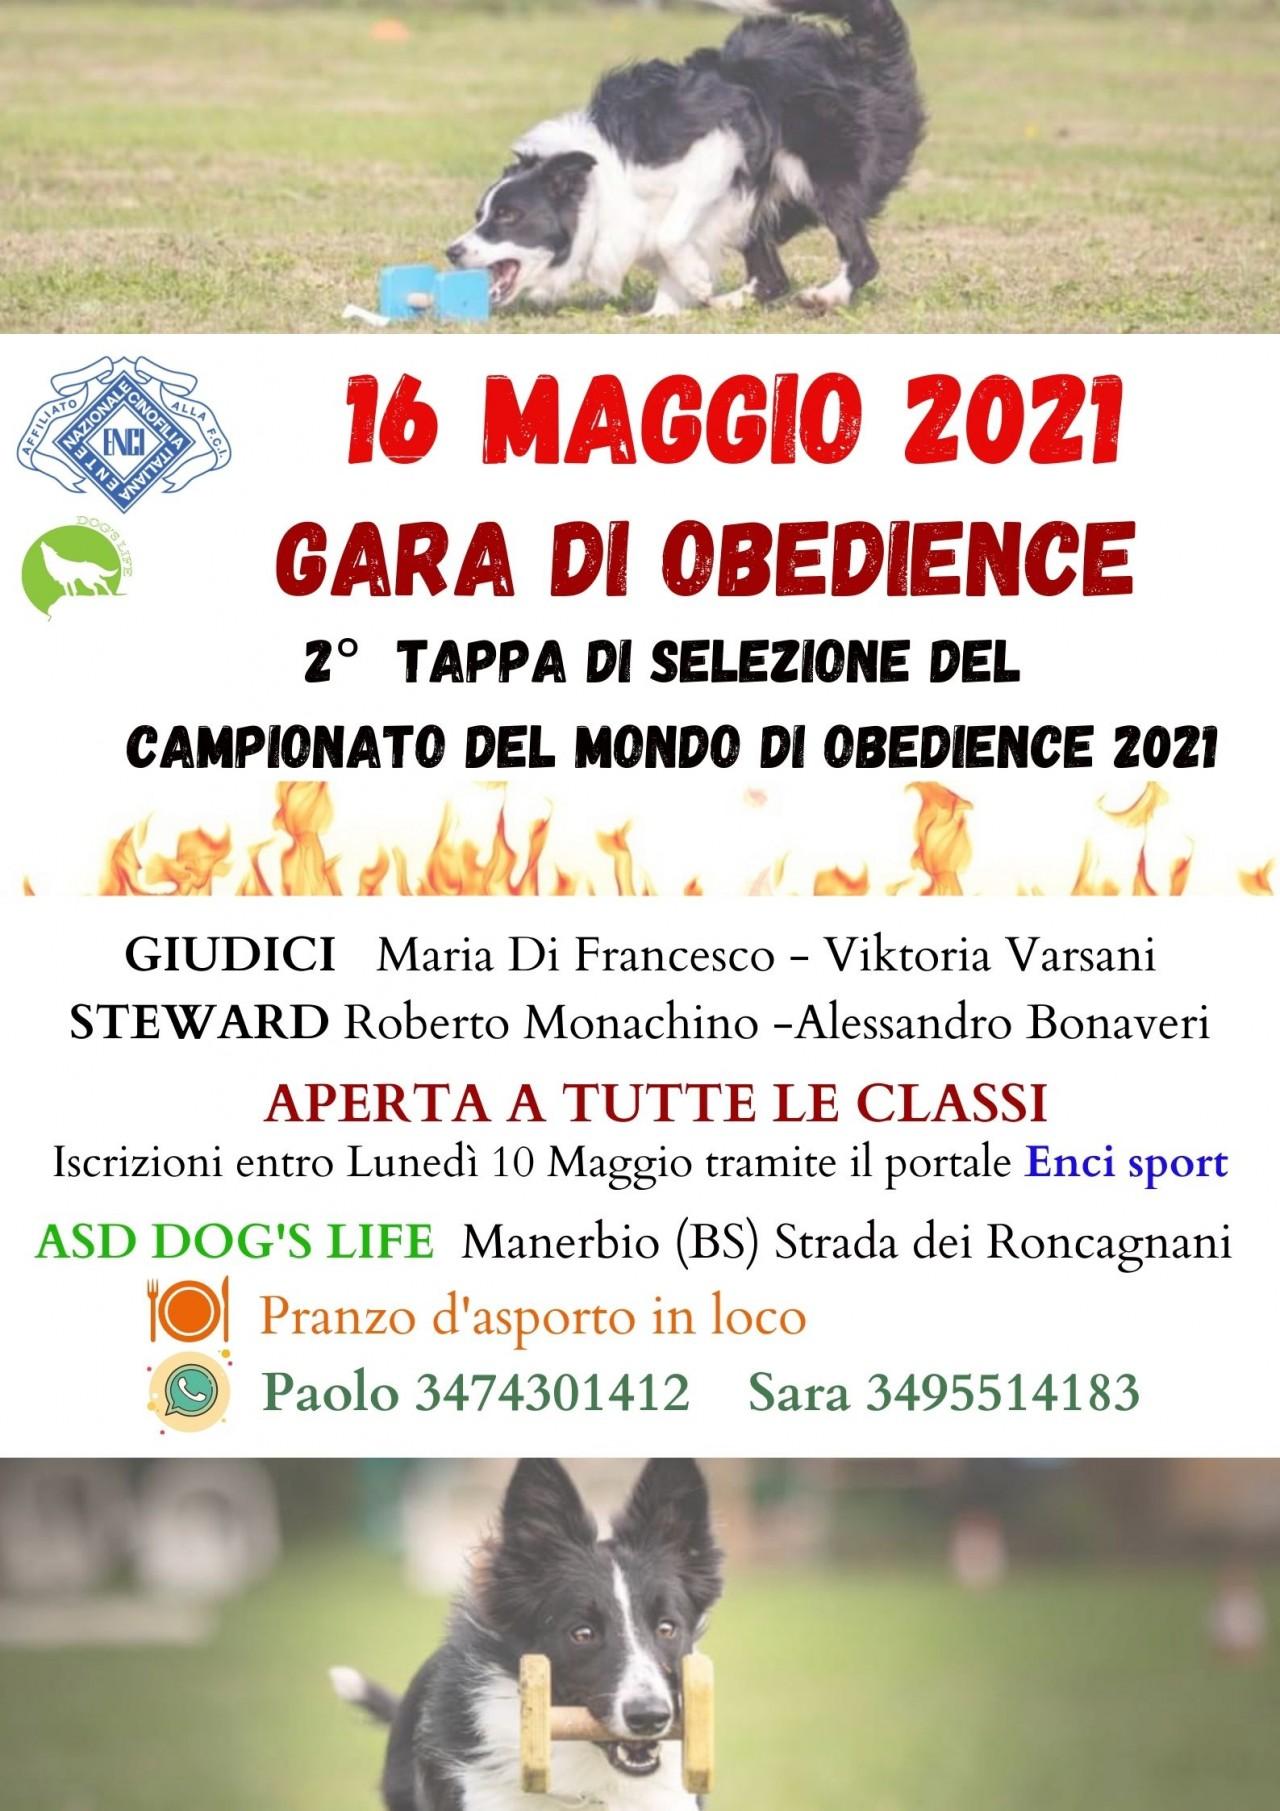 GARA DI OBEDIENCE DOMENICA 16 MAGGIO 2021